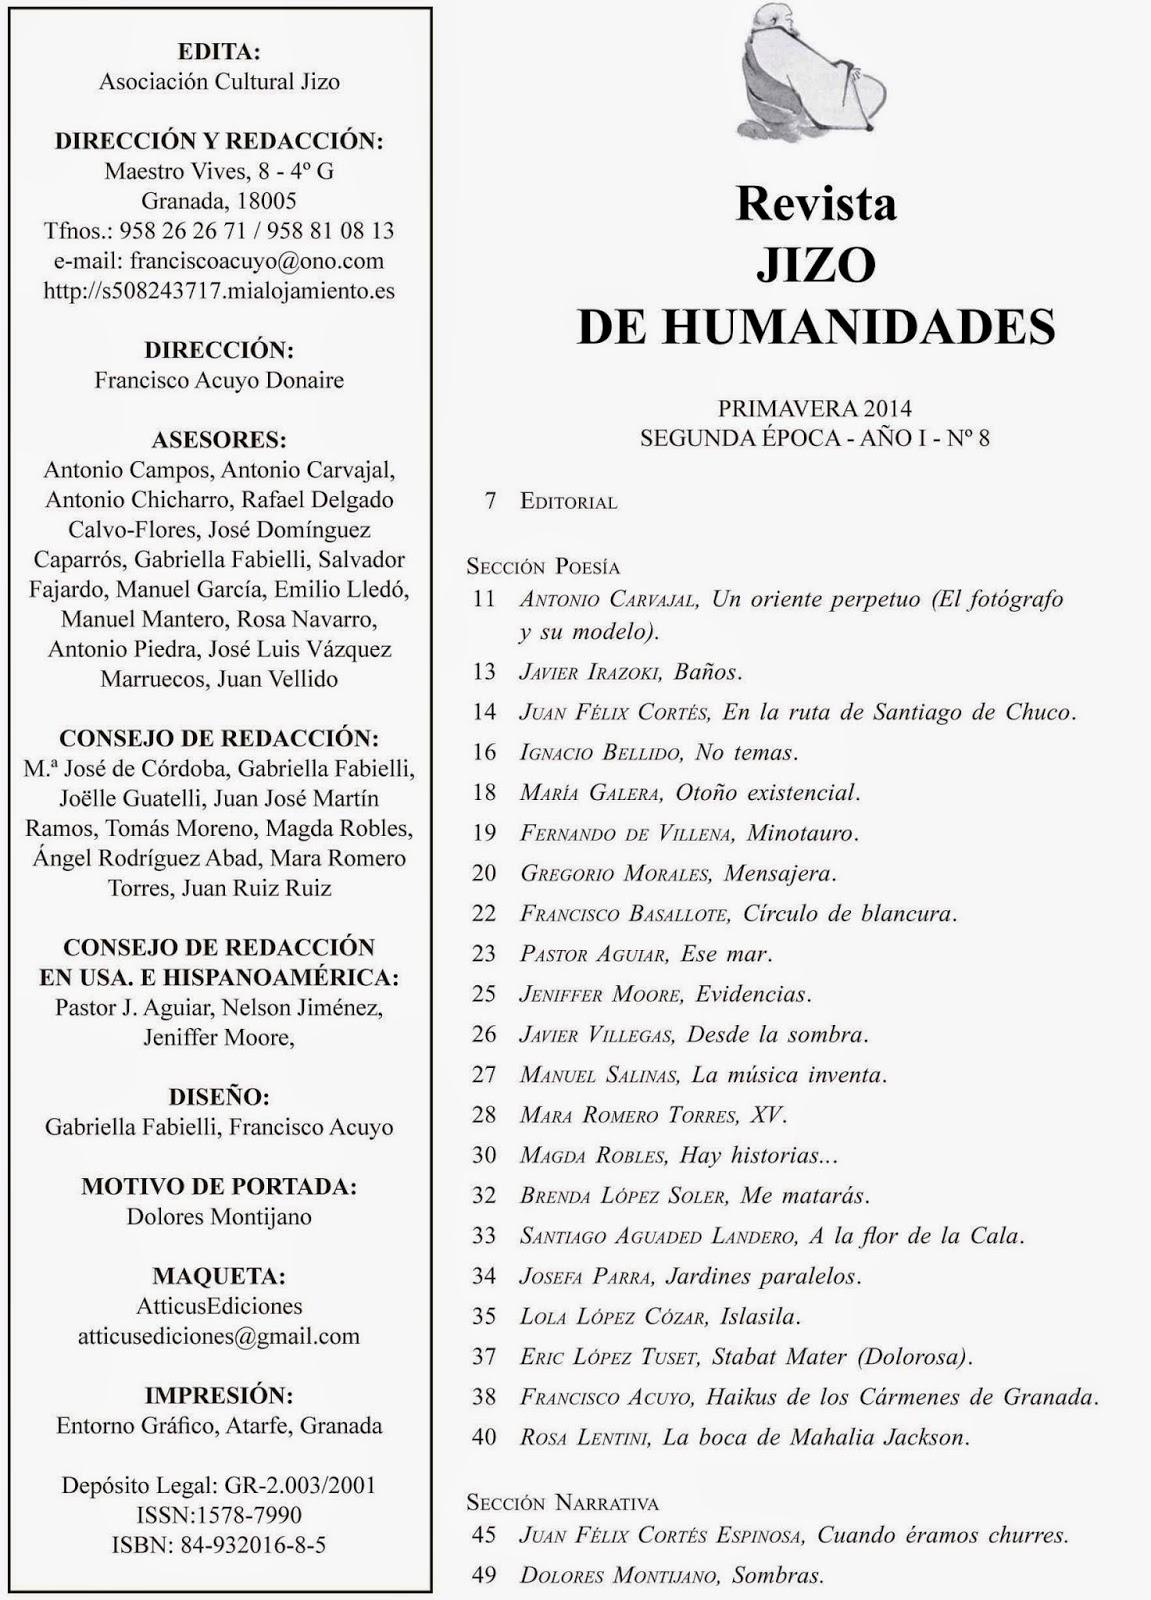 Jizo ediciones nº 8, La ciudad constelada, Francisco Acuyo, Ancile